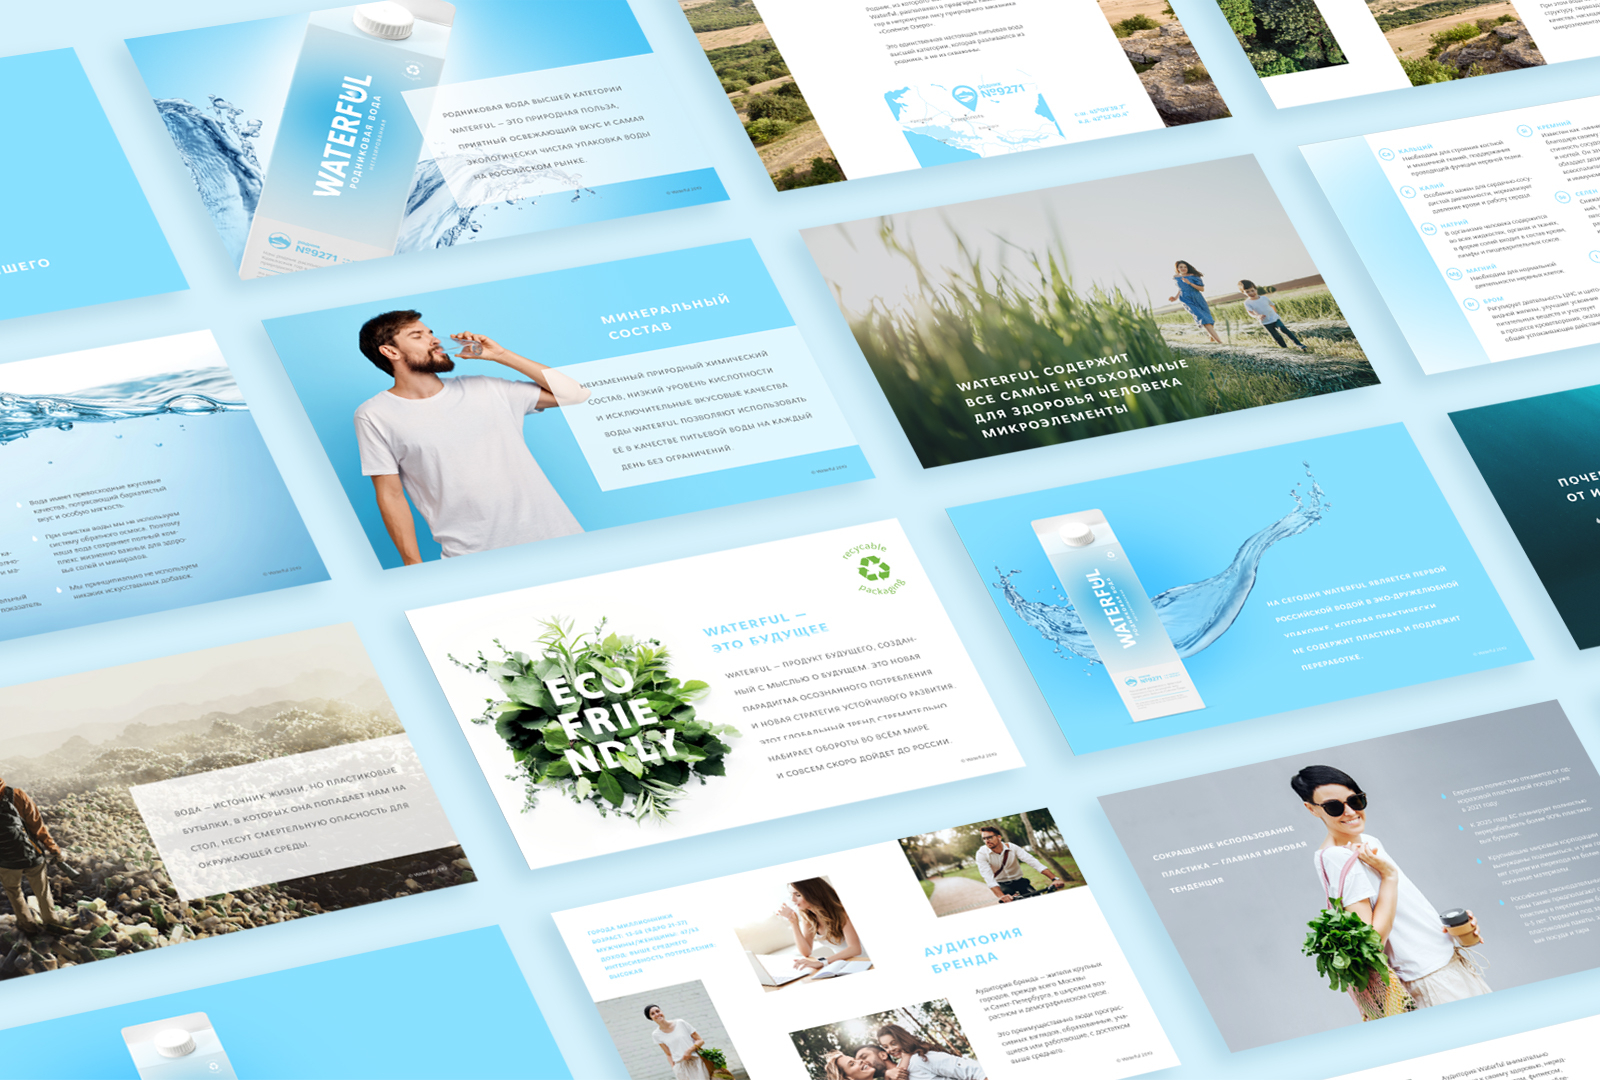 Фирменный стиль Waterful отражает ключевые ценности бренда и преимущества упаковки